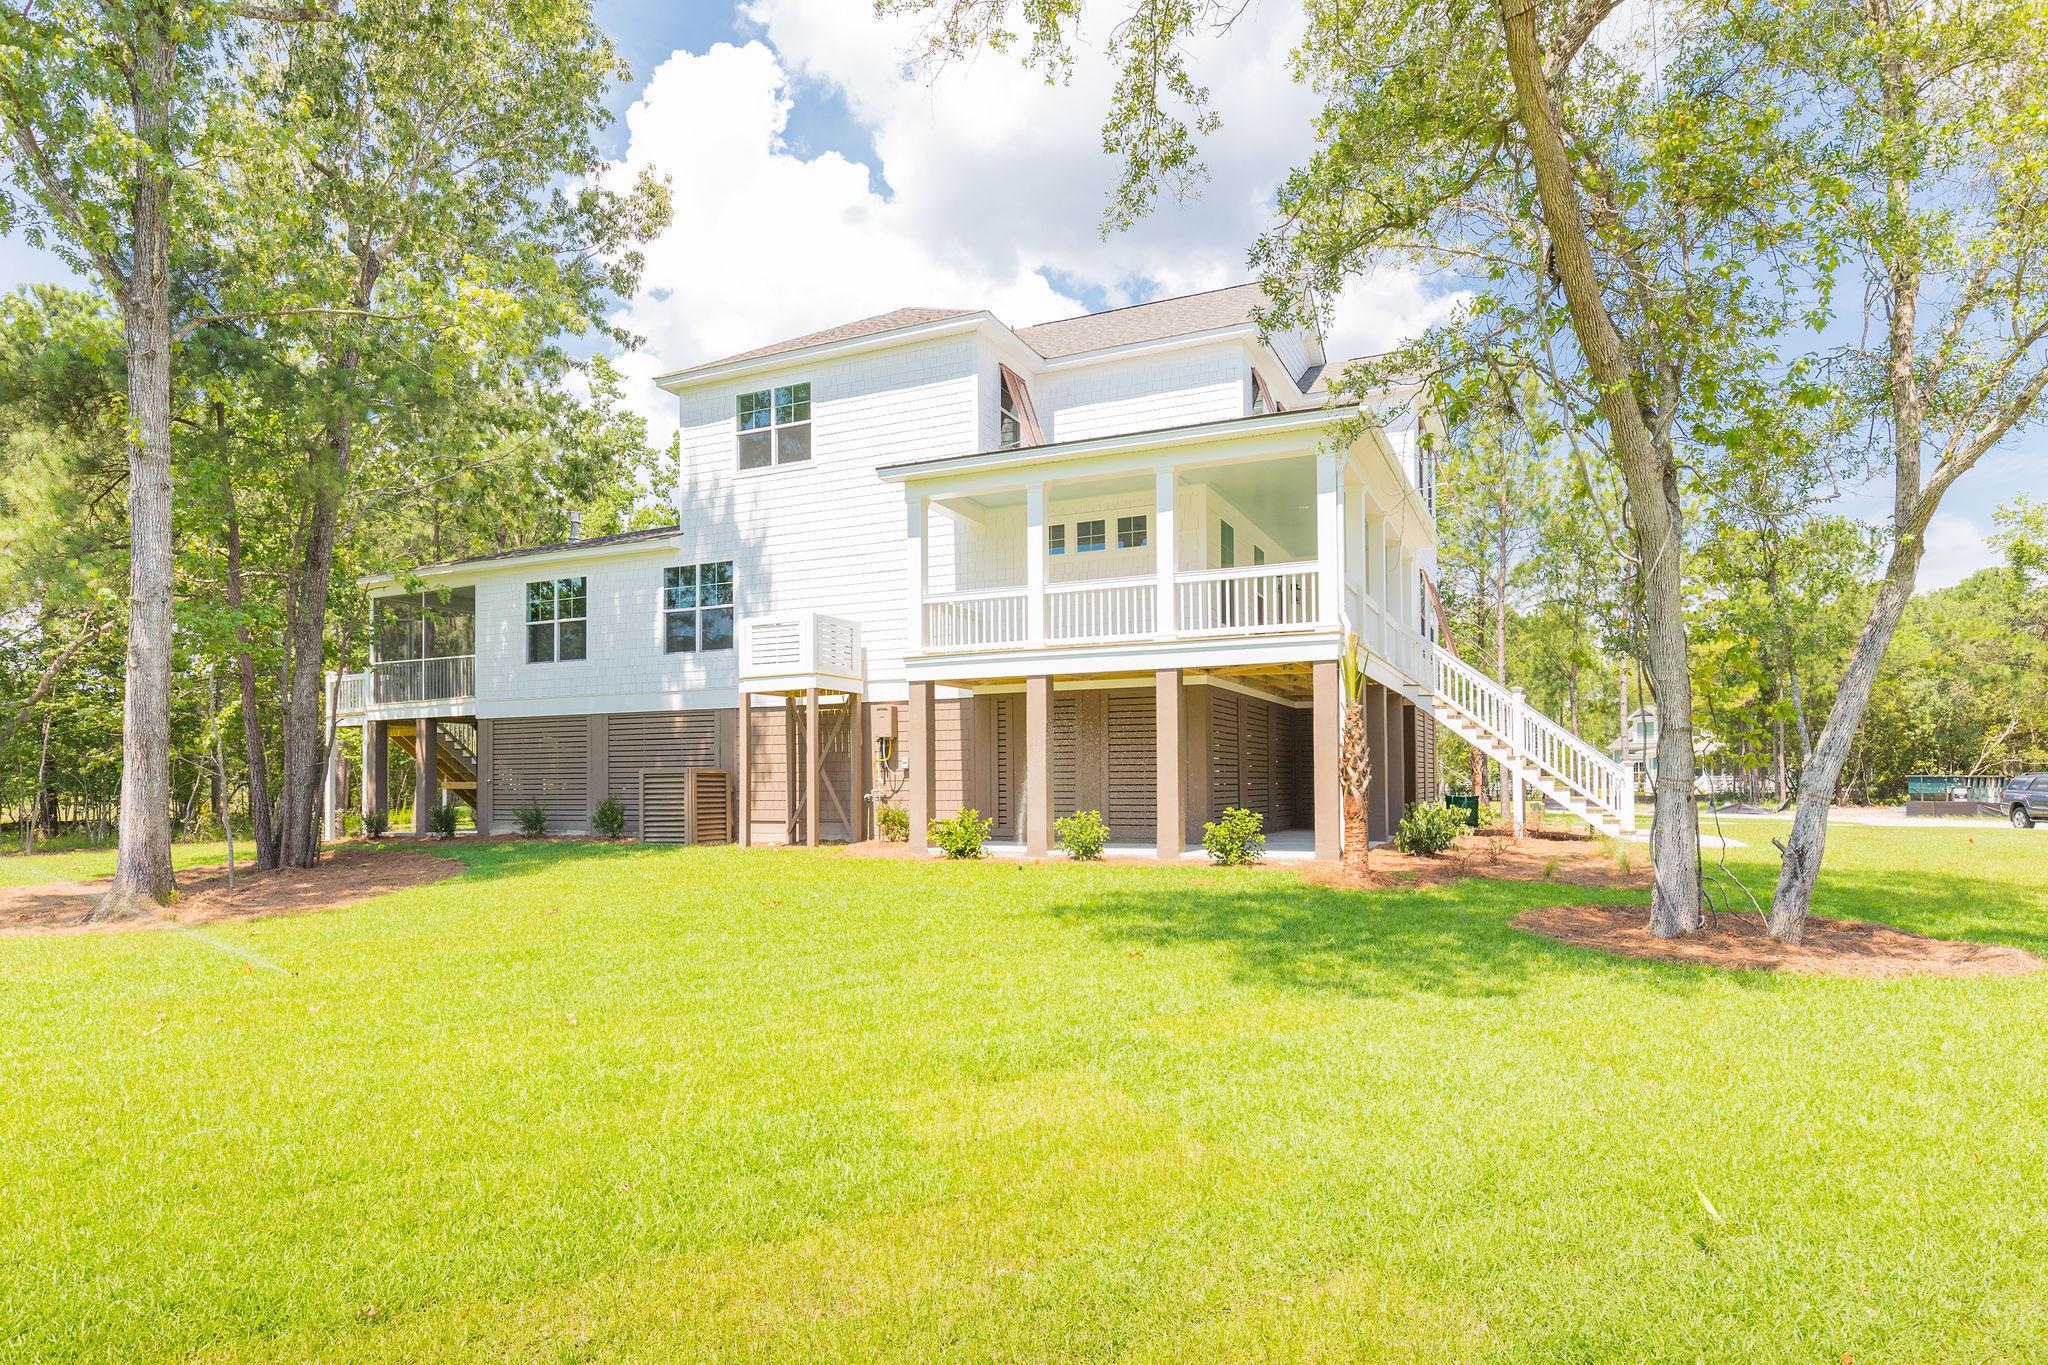 Hamlin Plantation Homes For Sale - 4902 Sound View, Mount Pleasant, SC - 16